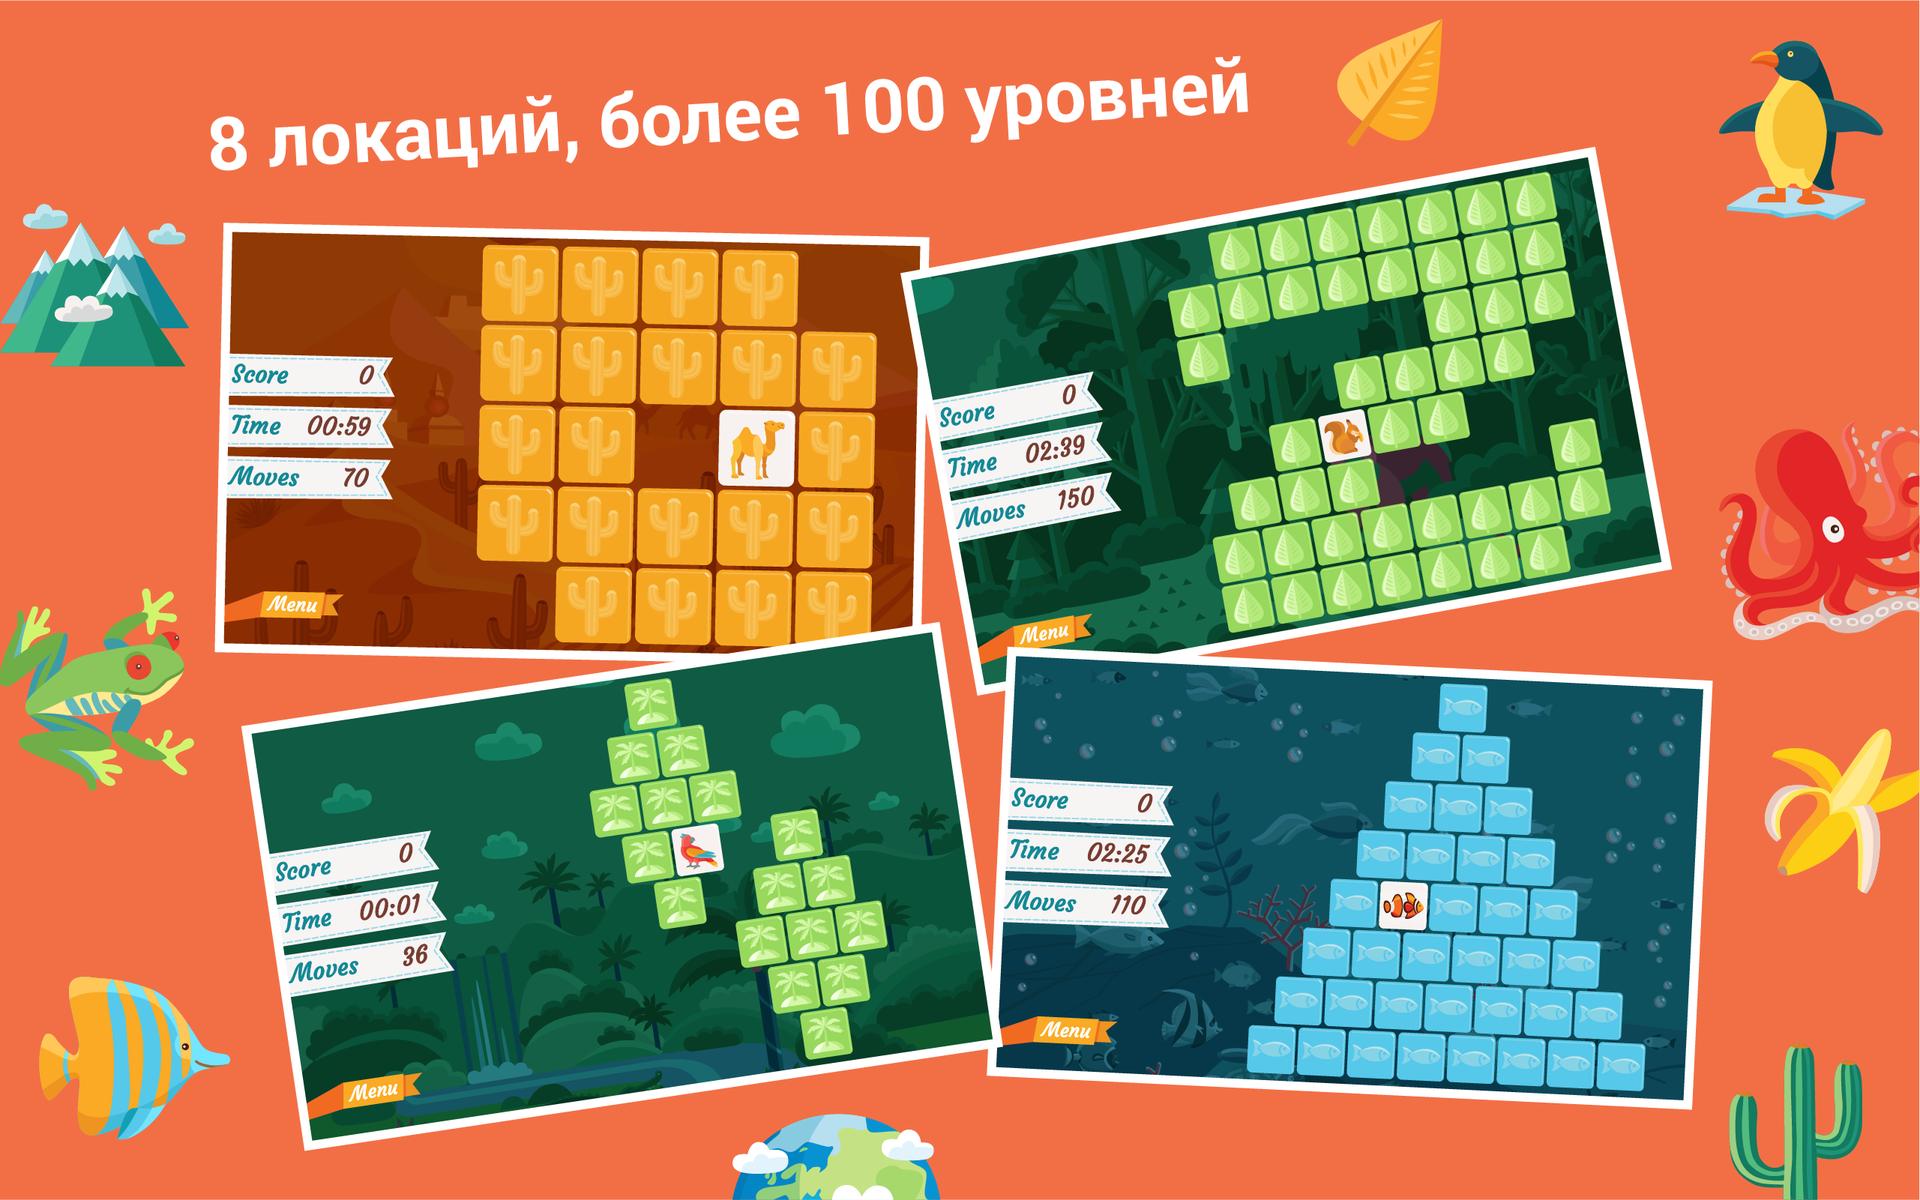 Twins Memory Game — клон очередной игры найди пару? Или все-таки что-то новенькое? Краткая история разработки игры - 6